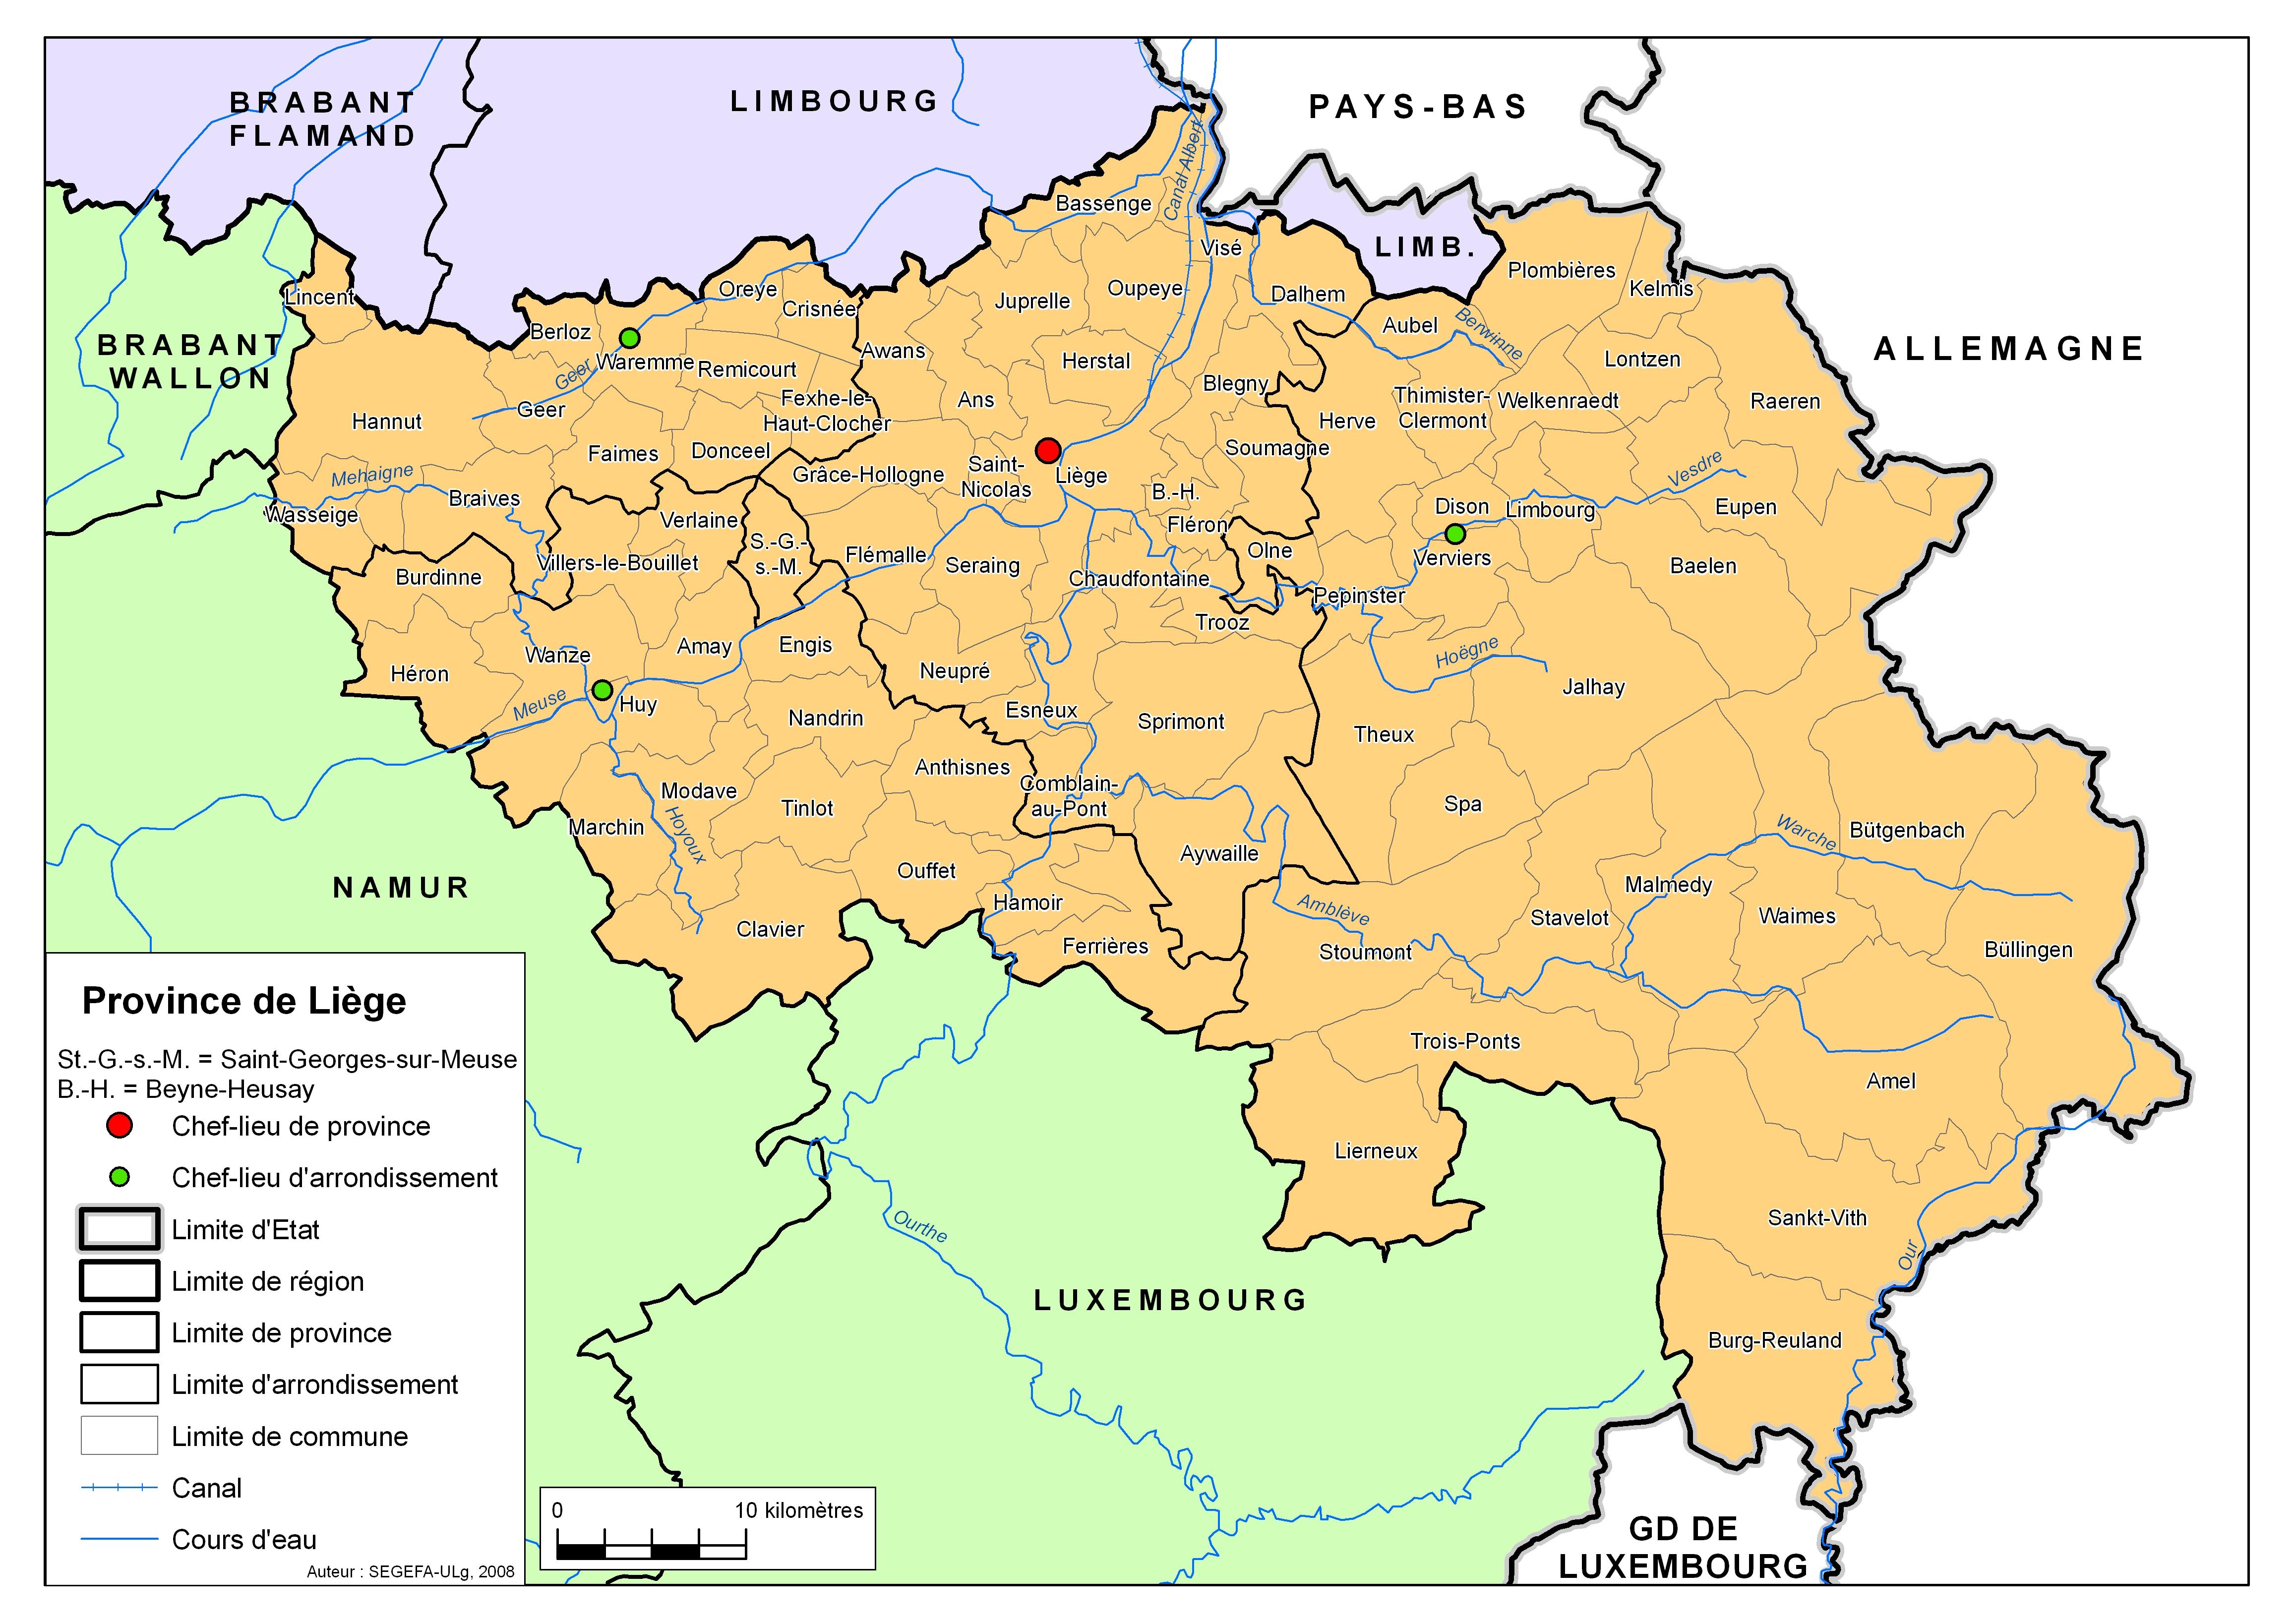 Carte Belgique Liege.Enseignement Be Boite A Outils Des Professeurs Atlas